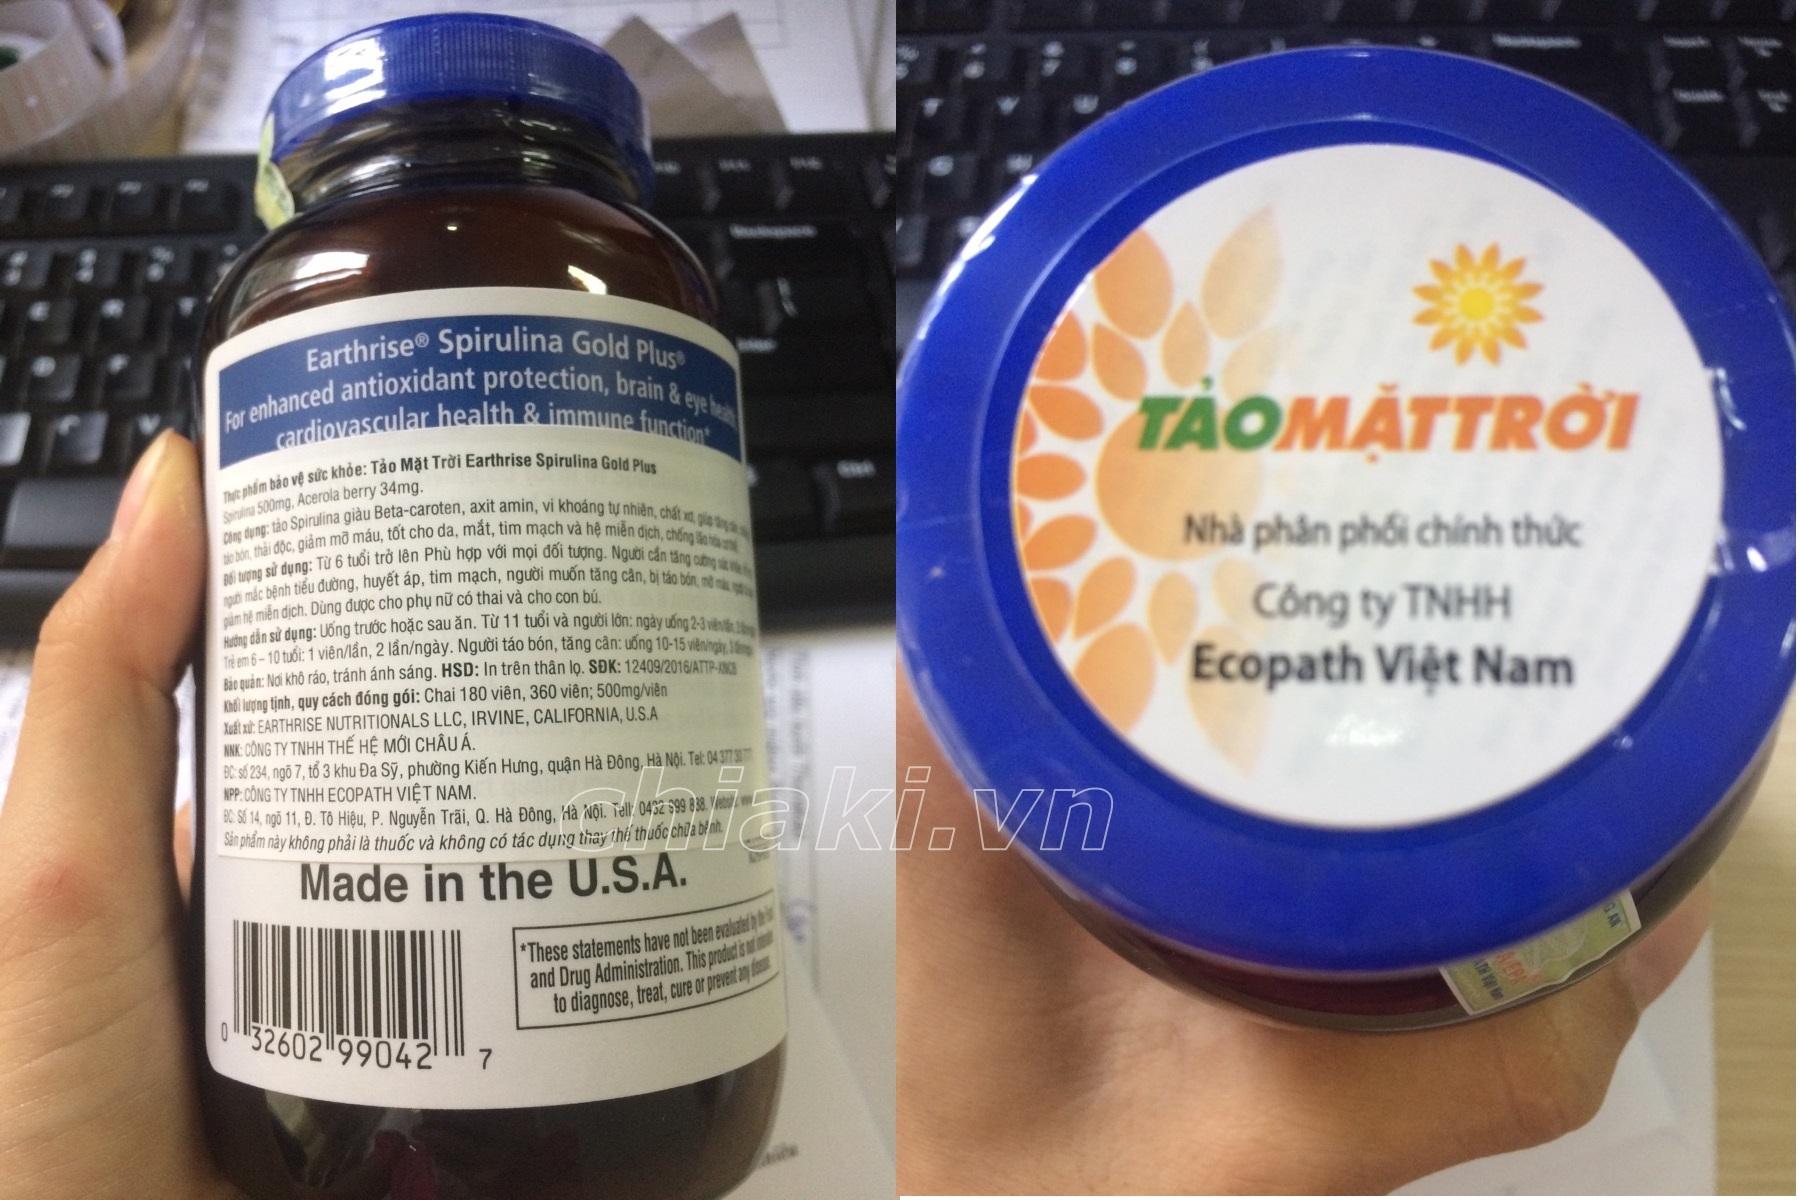 Tảo Mặt Trời Spirulina Gold Plus Chính Hãng Của Mỹ